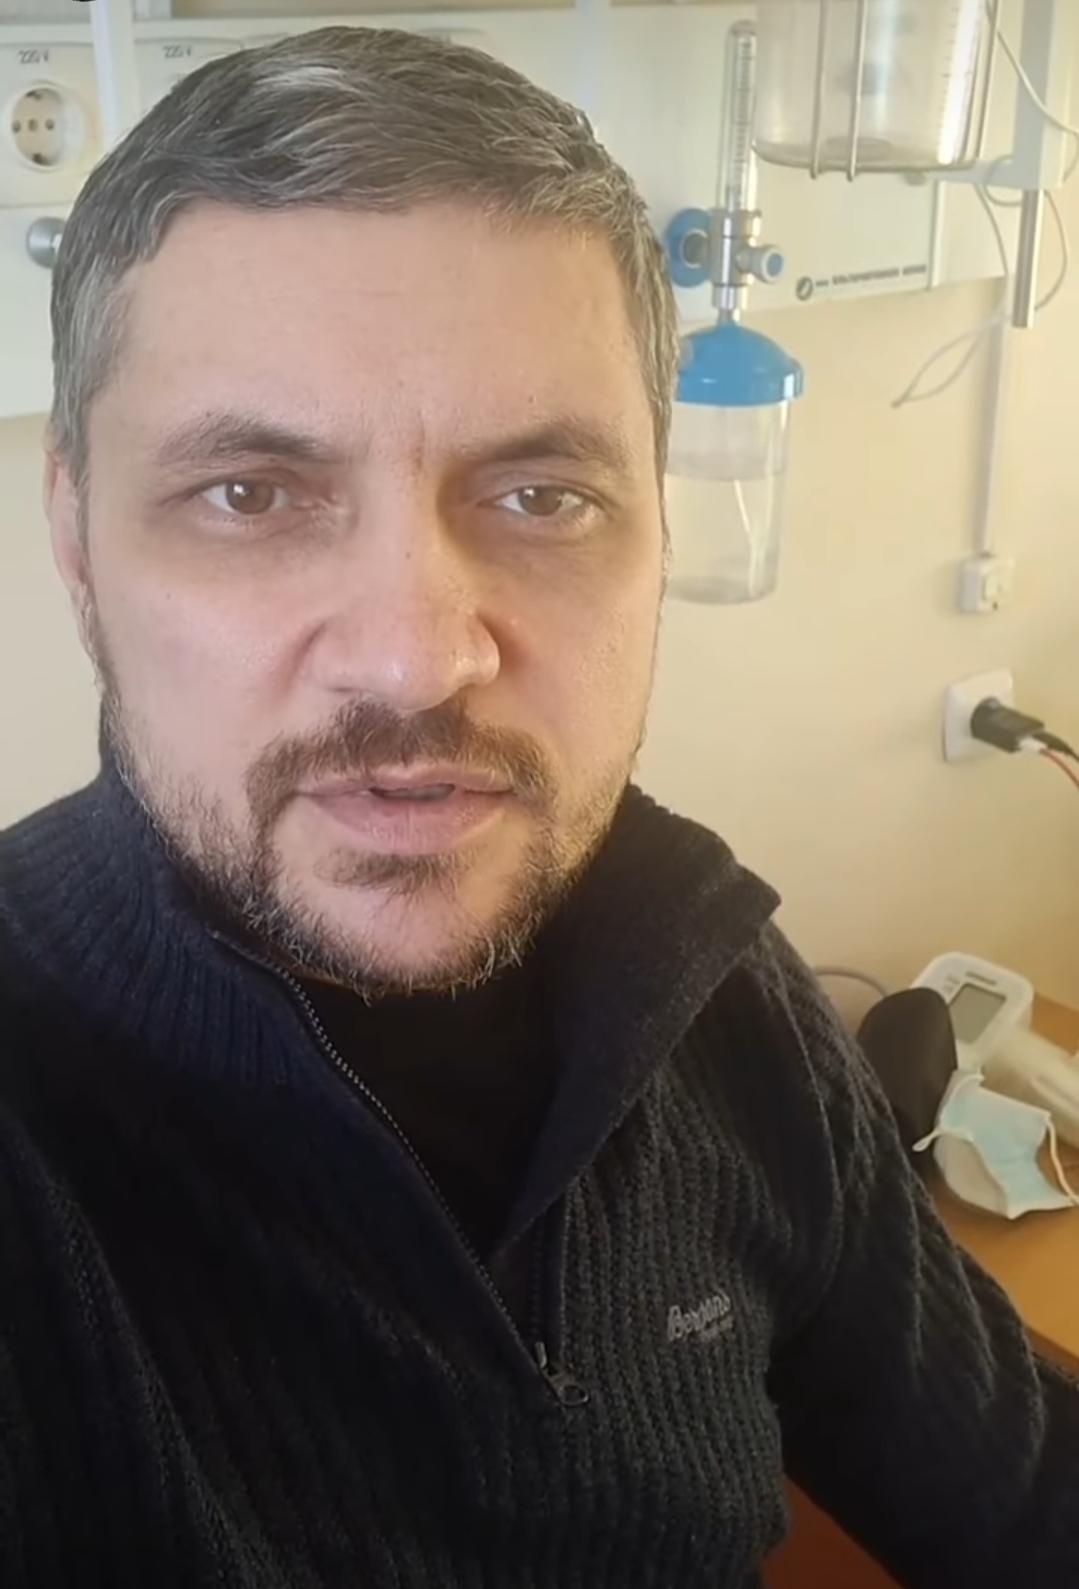 Осипова выписали из моностационара. Туда его госпитализировали с коронавирусом.